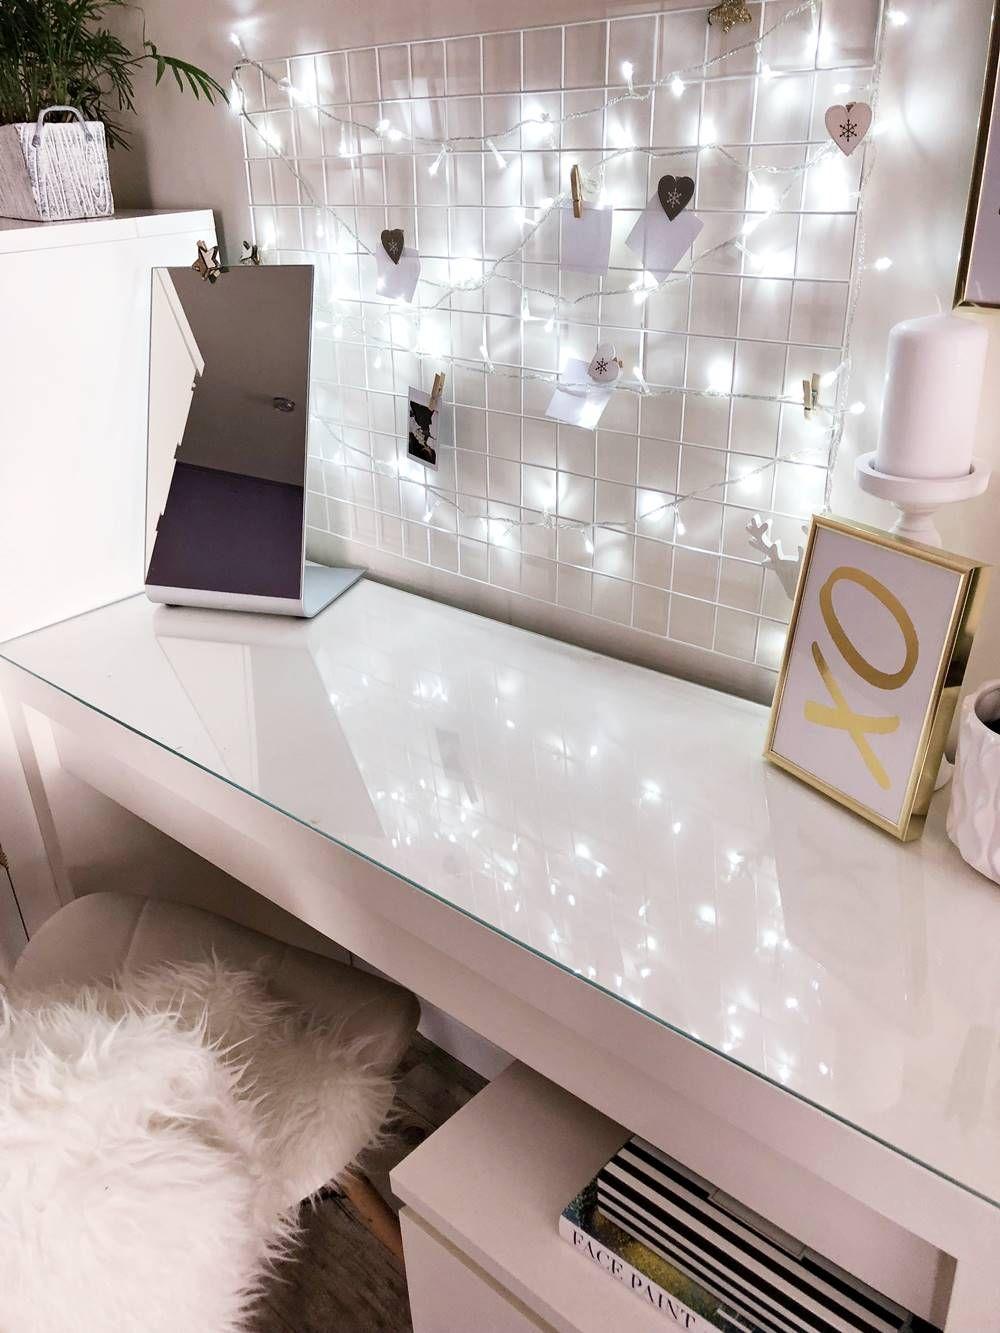 Moja Toaletka Szukasz Inspiracji Zapraszam Na Bloga Blog